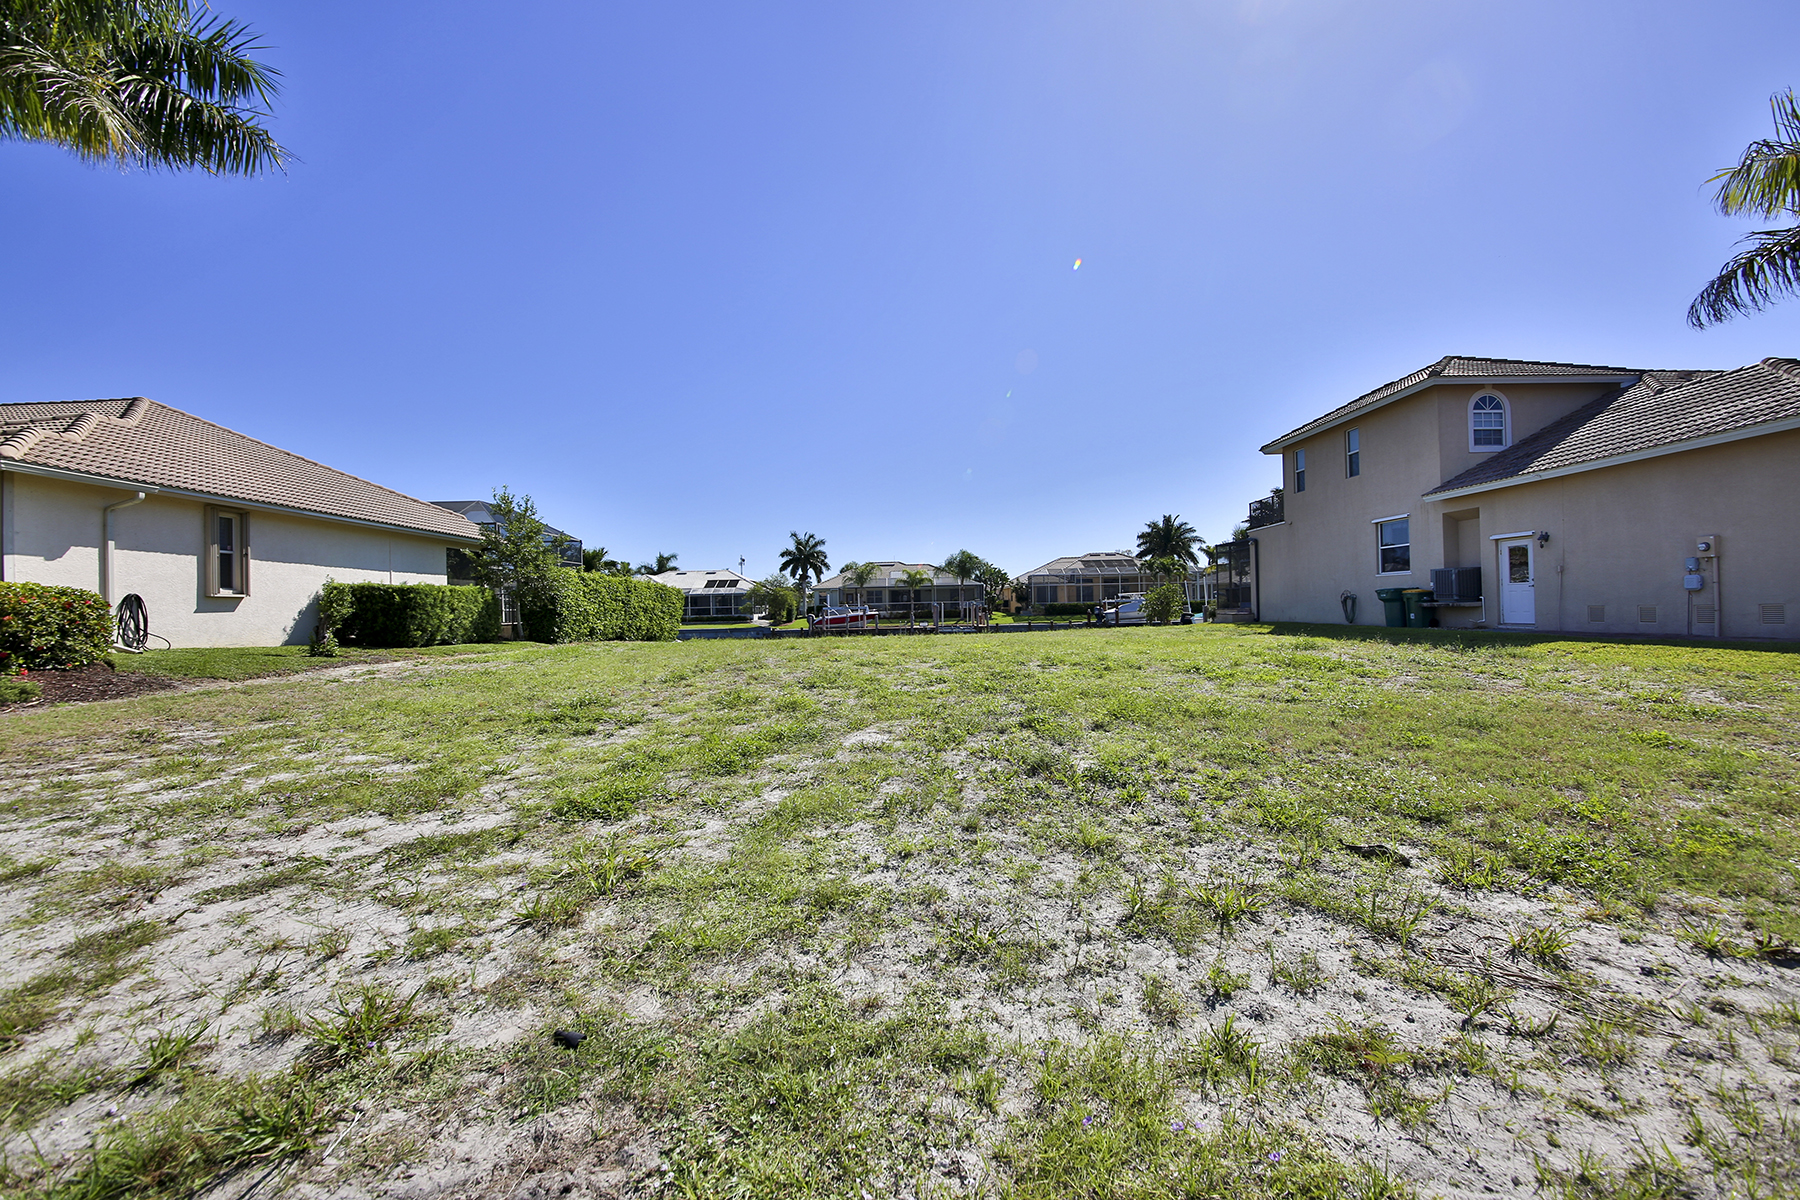 Земля для того Продажа на MARCO ISLAND - MARQUESAS COURT 335 Marquesas Ct Marco Island, Флорида 34145 Соединенные Штаты